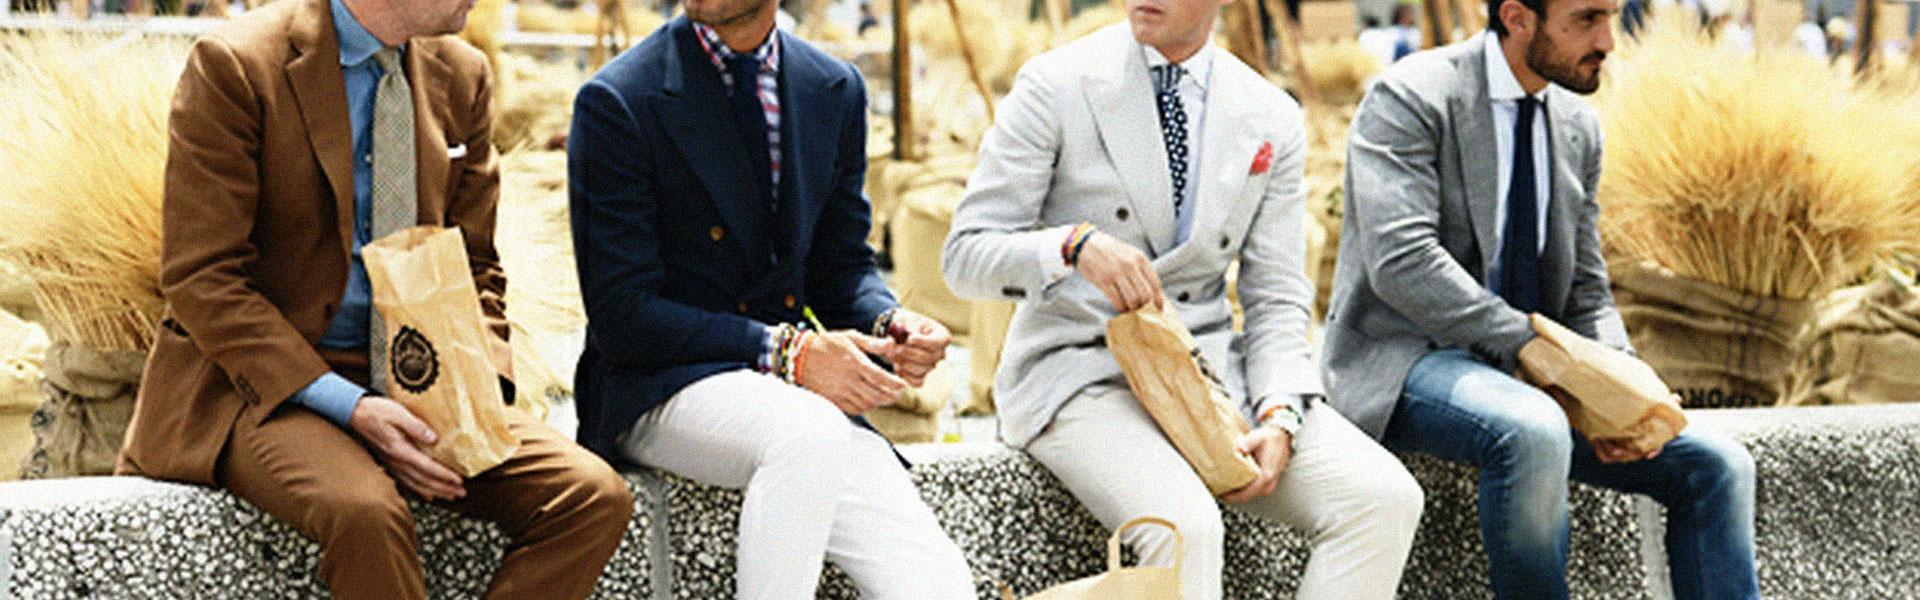 MODA cinturones, corbatas, guantes...